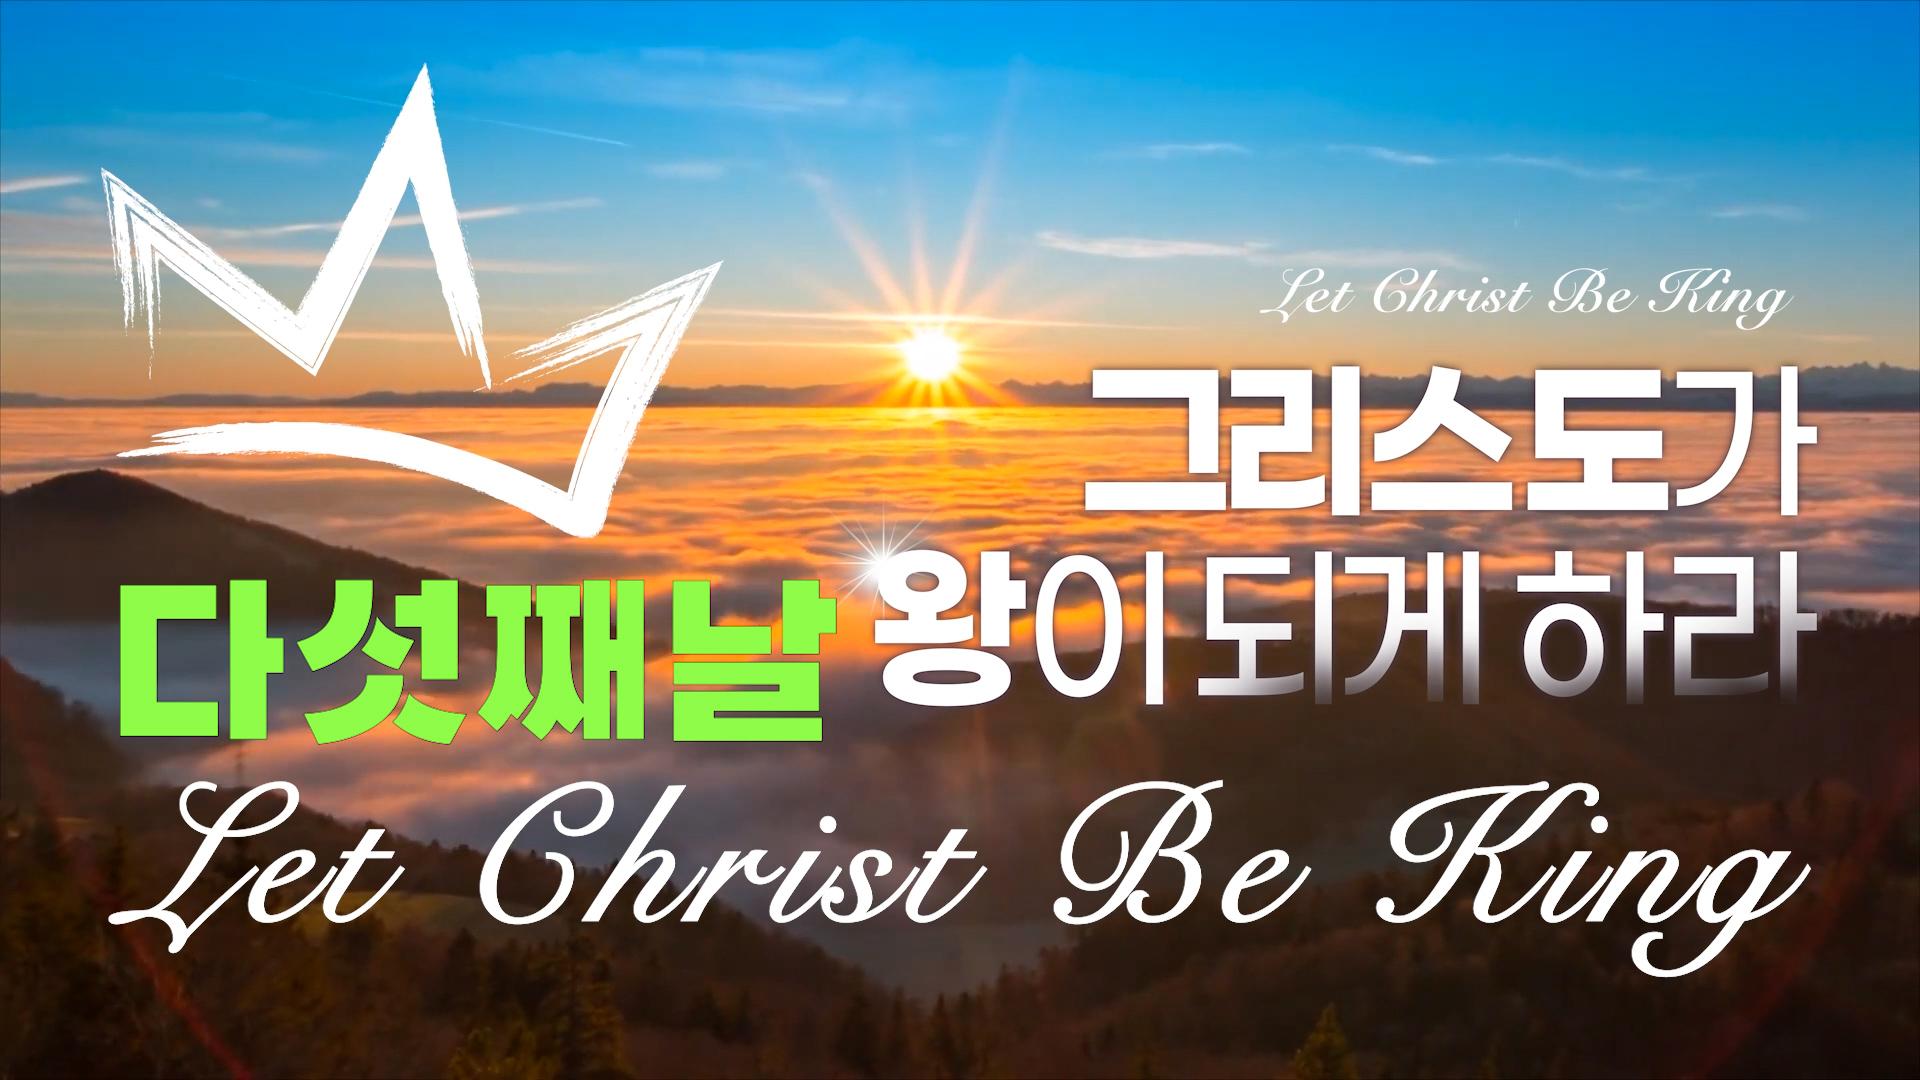 온전함을 사모하는 글로벌 특별새벽부흥예배 다섯째날